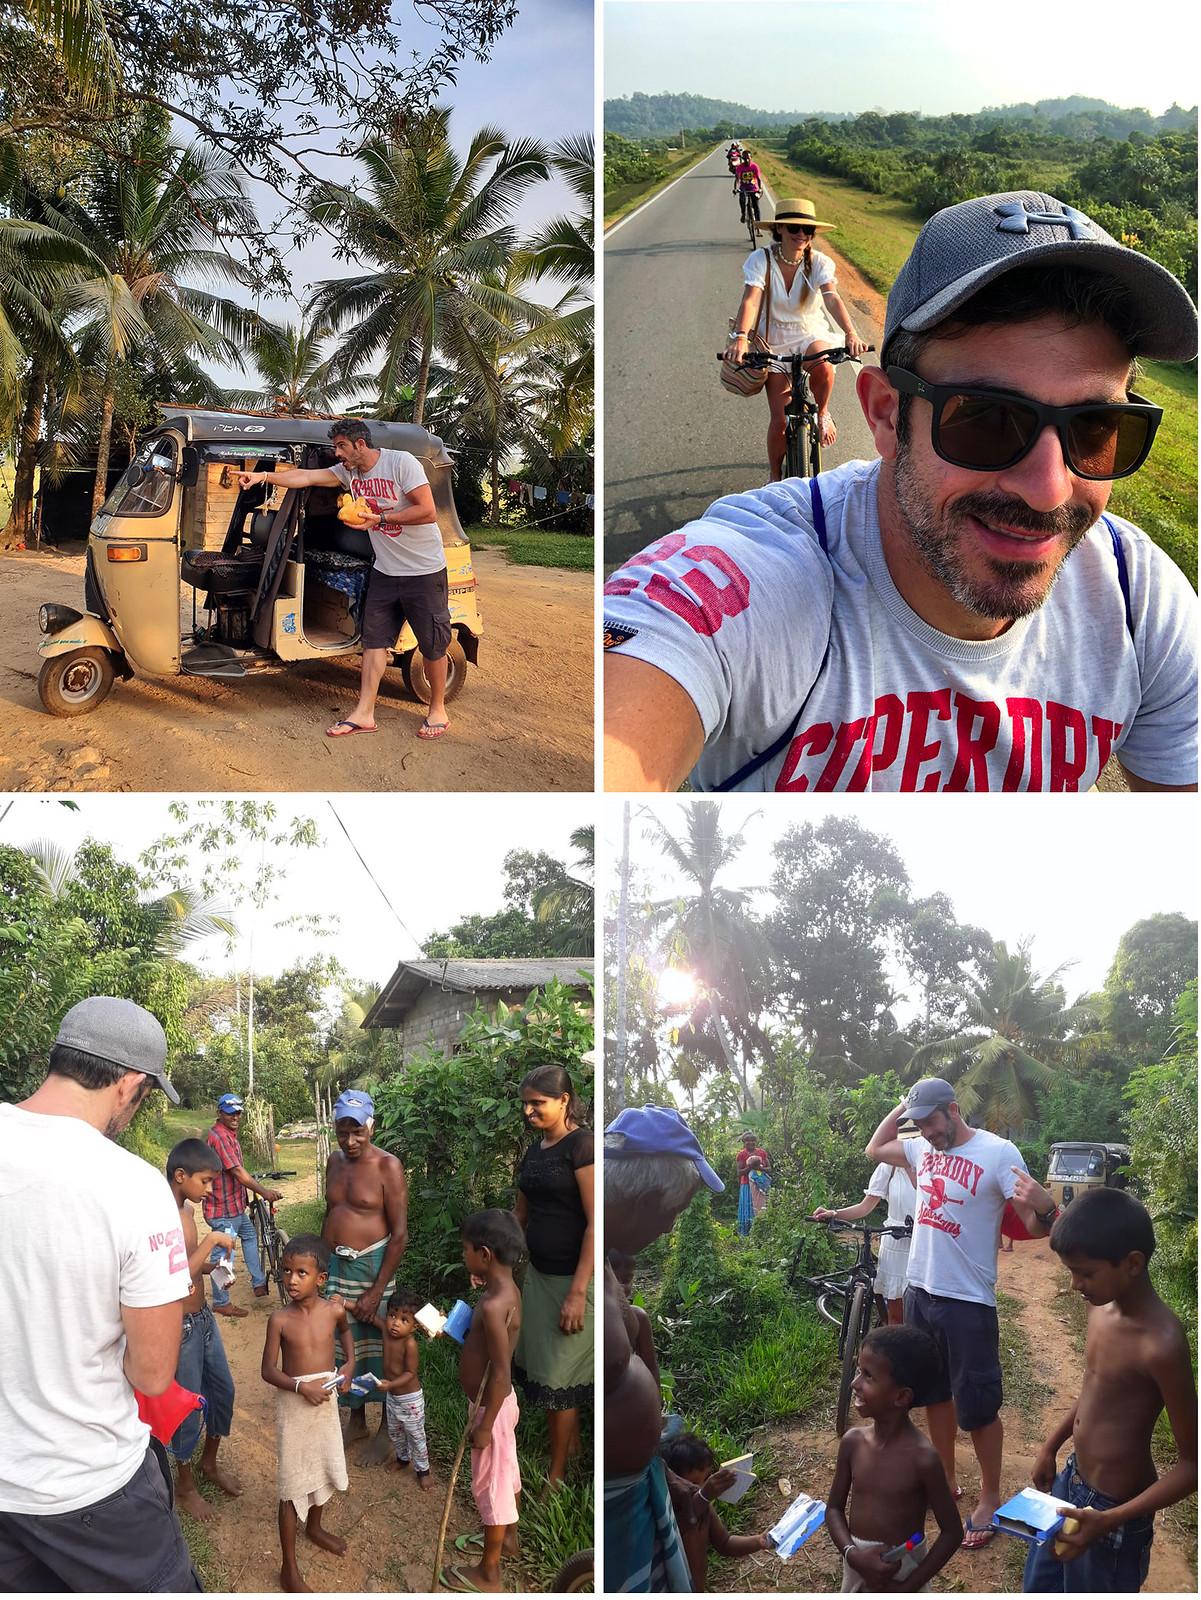 Qué hacer en Unawatuna, Sri Lanka qué hacer en unawatuna - 47083301112 70e3efa051 h - Qué hacer en Unawatuna, el paraíso de Sri Lanka